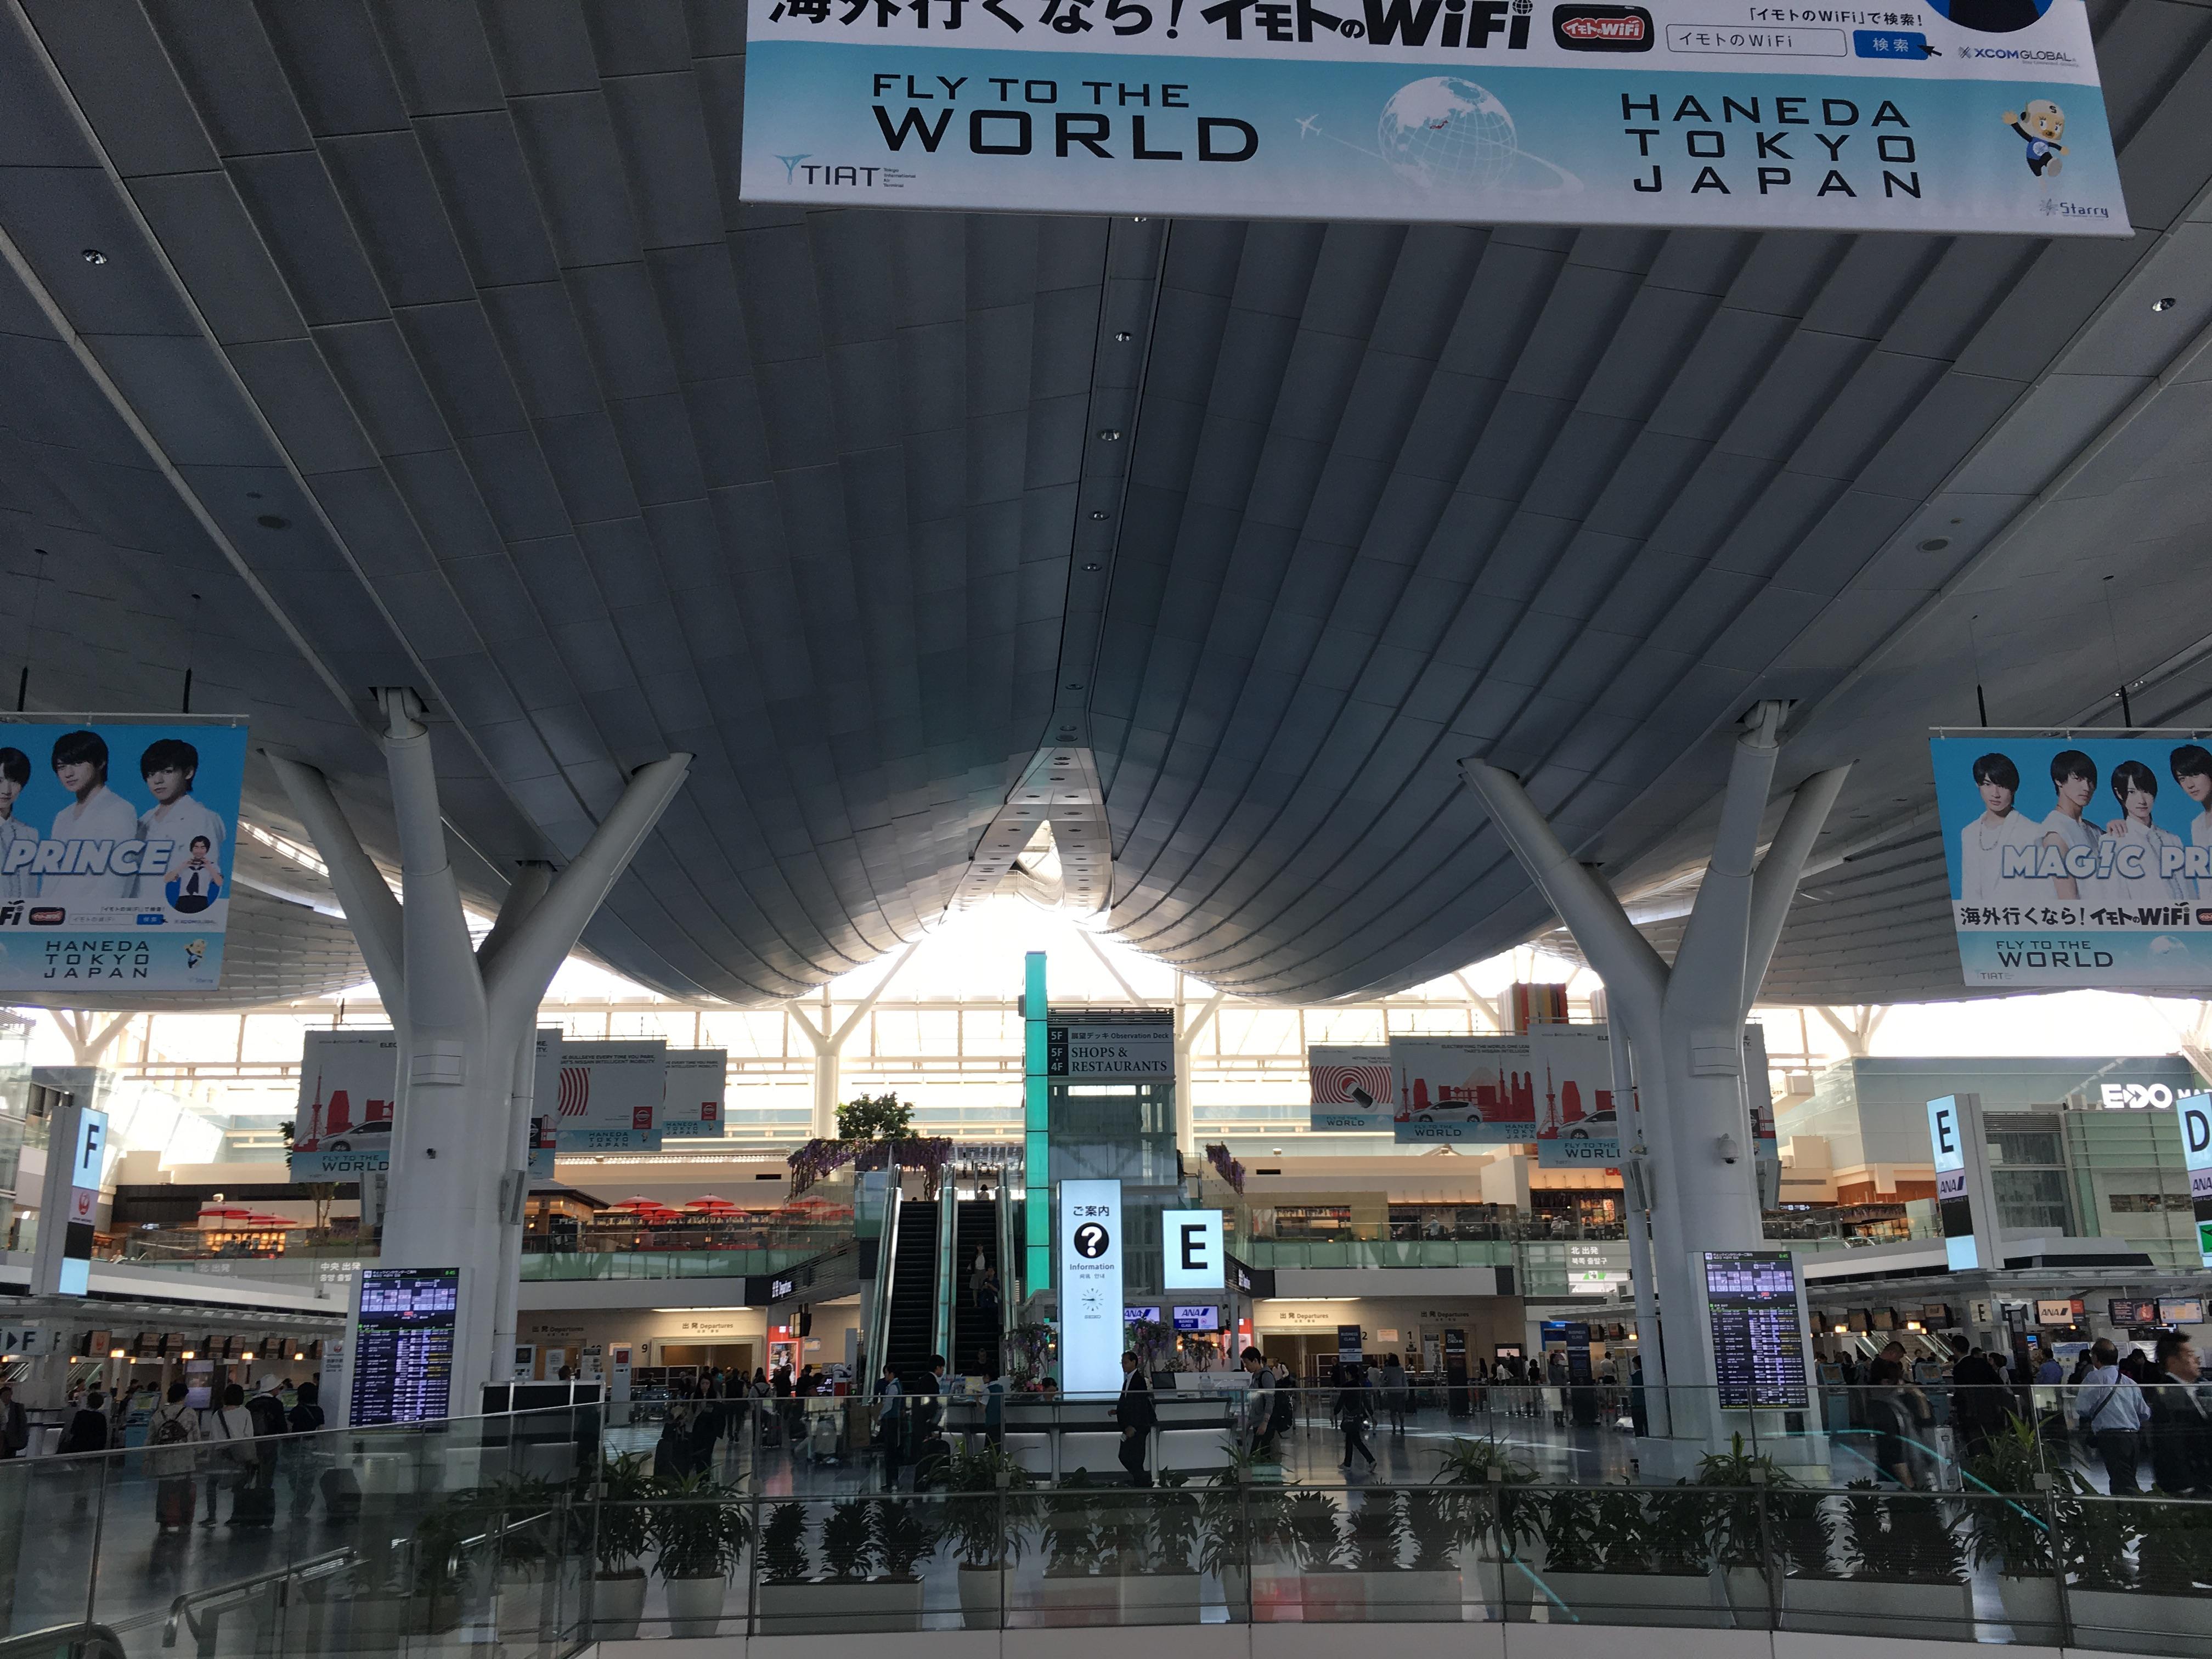 子連れで楽しめる!「羽田空港国際ターミナル」のご紹介♪その1~グルメ編~